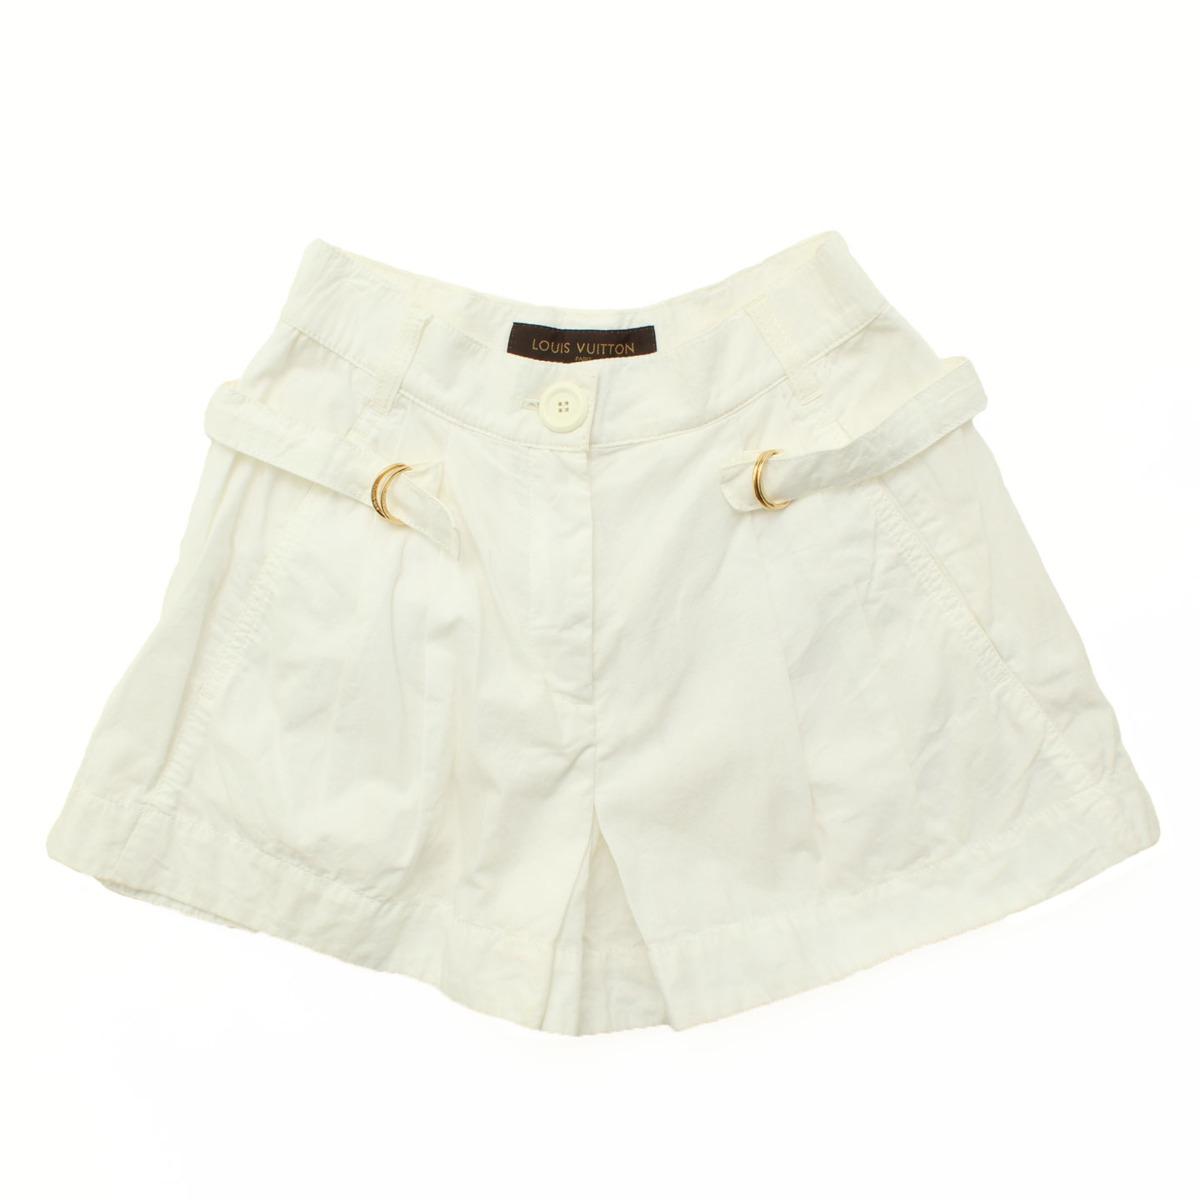 【ルイヴィトン】Louis Vuitton ショートパンツ ホワイト 34 【中古】【鑑定済・正規品保証】28350